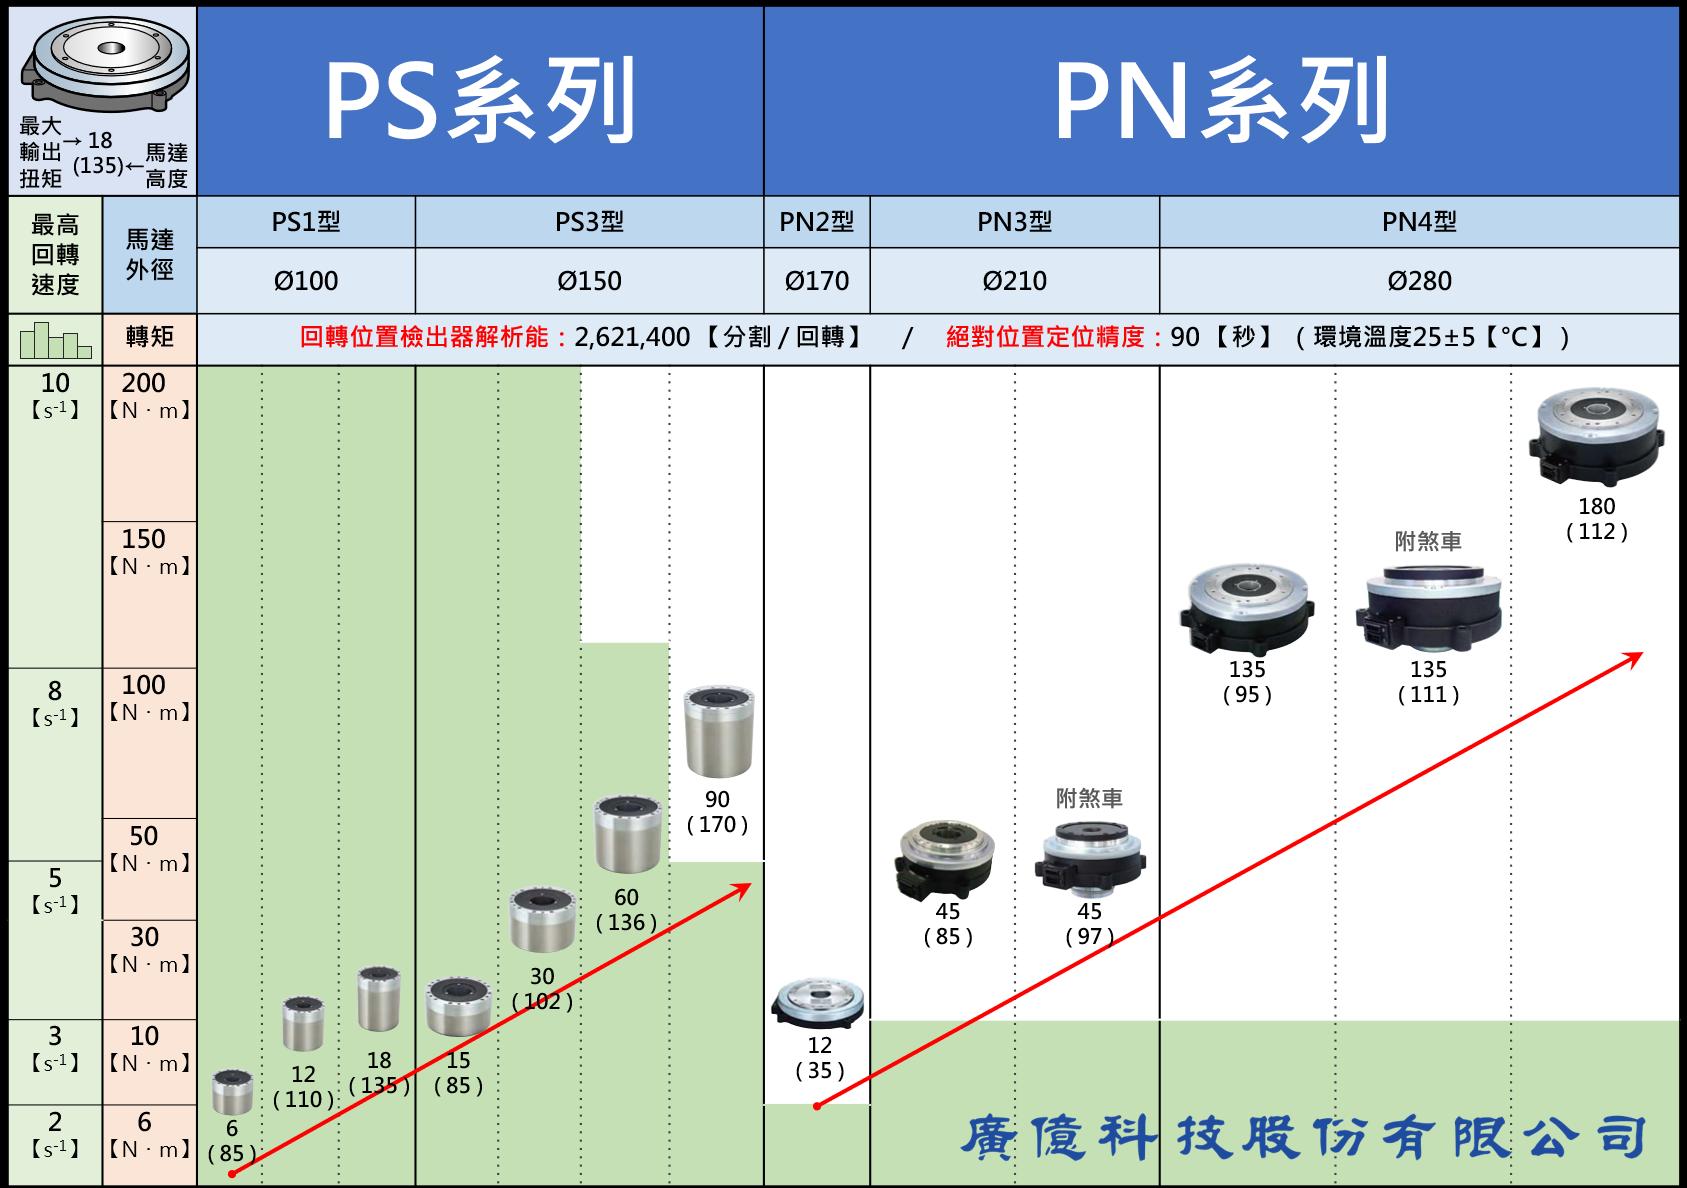 NSK 超大扭矩伺服馬達 PS系列 PN系列 規格選定